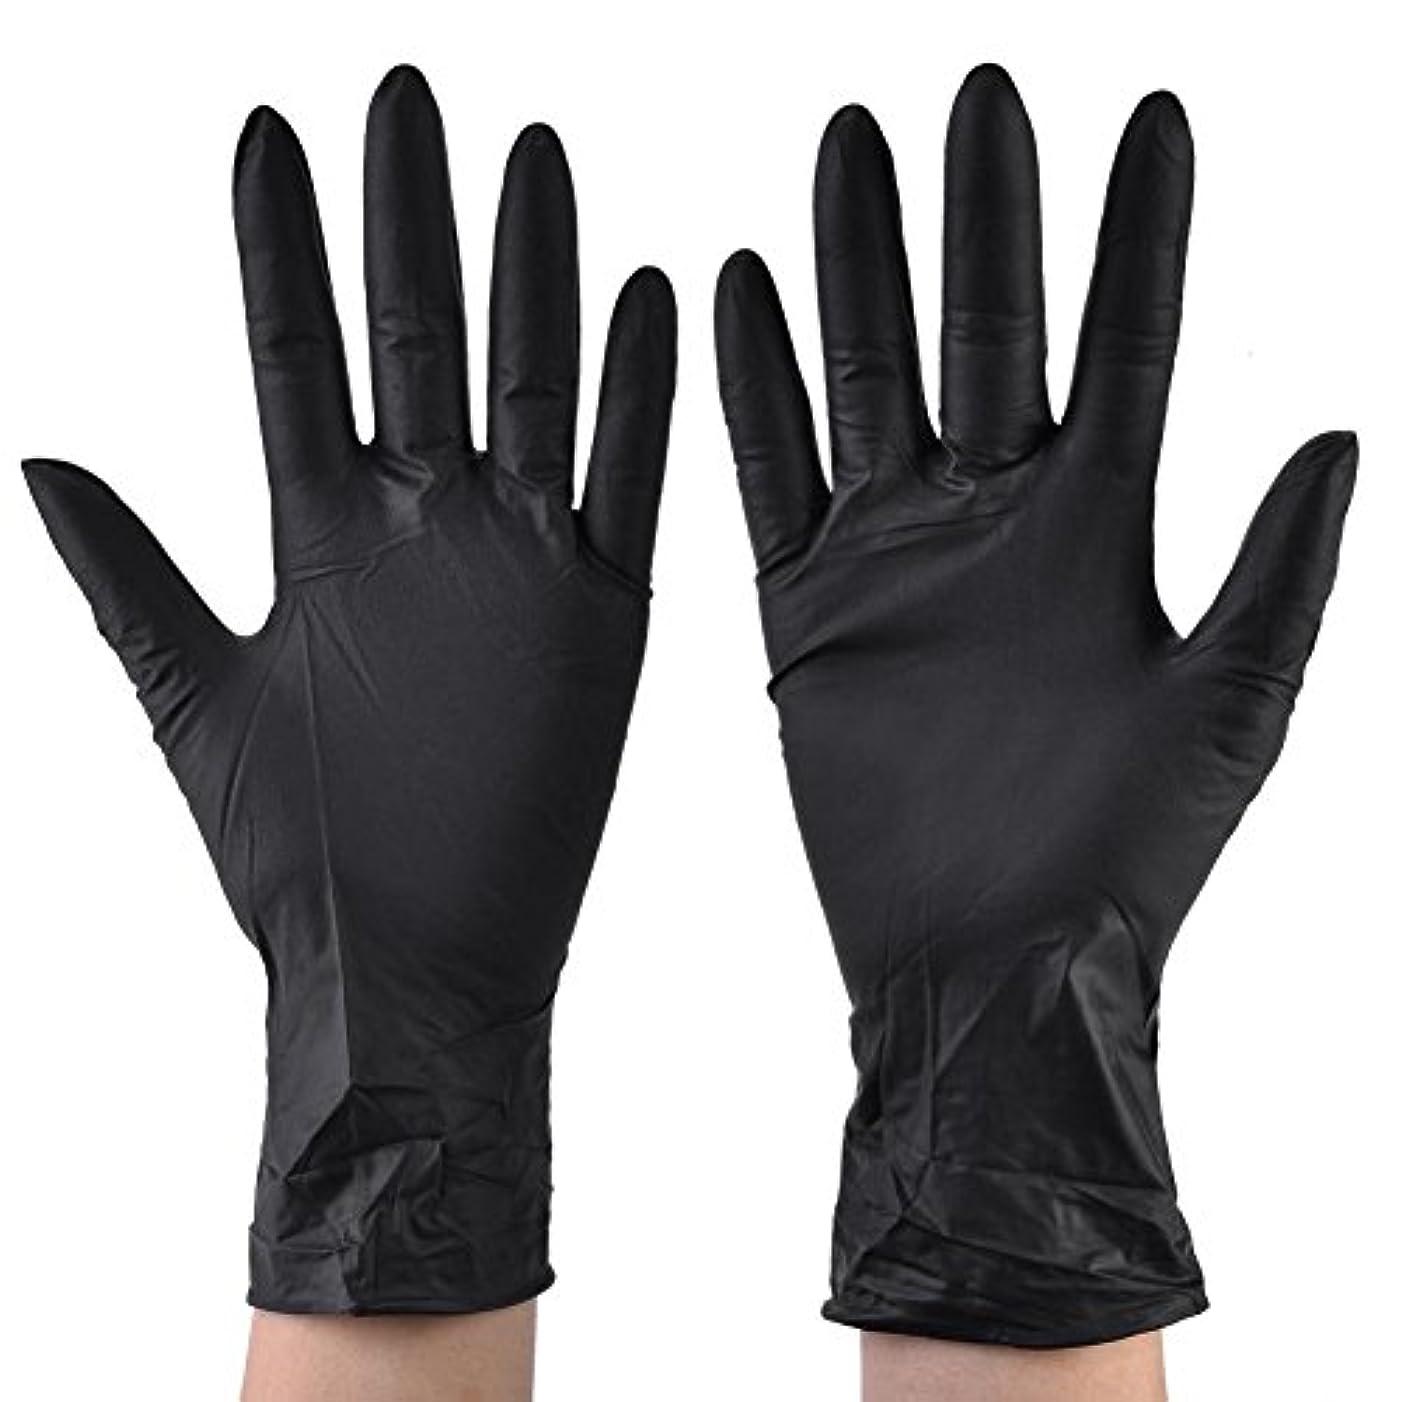 使い捨て手袋 ニトリルグローブ ホワイト 粉なし 工業用/医療用/理美容用/レストラン用 M/L選択可 100枚 左右兼用 作業手袋(L)